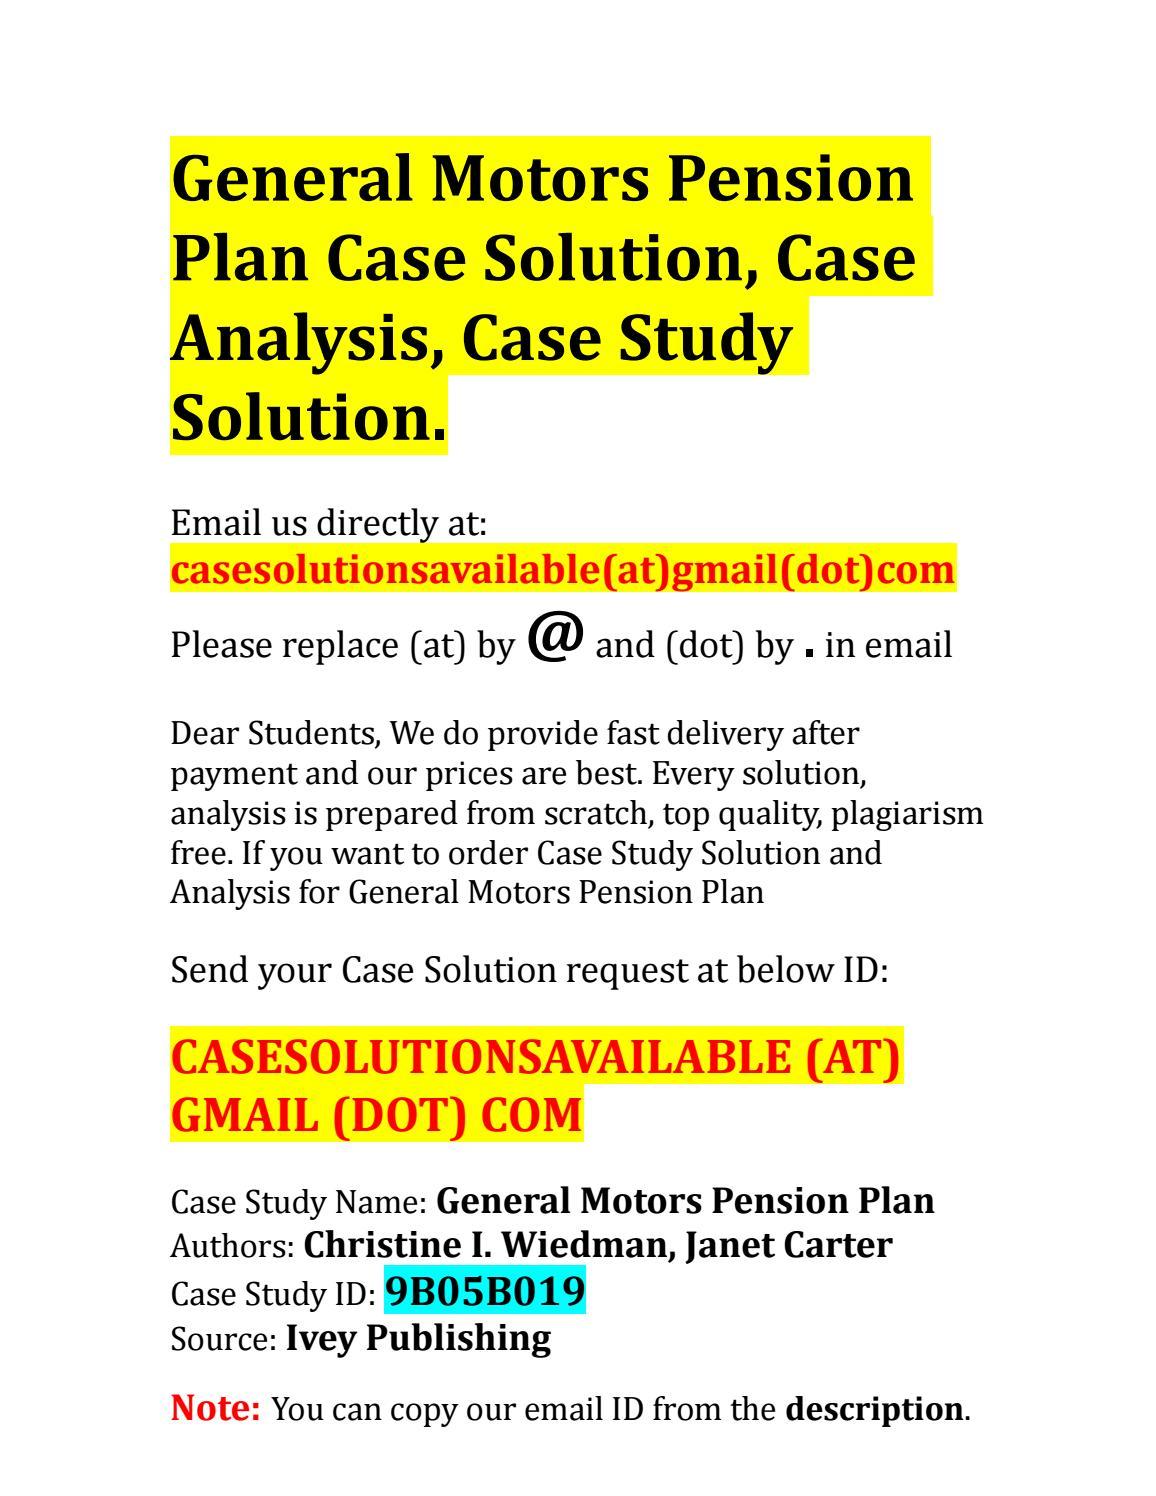 General motors case study essay